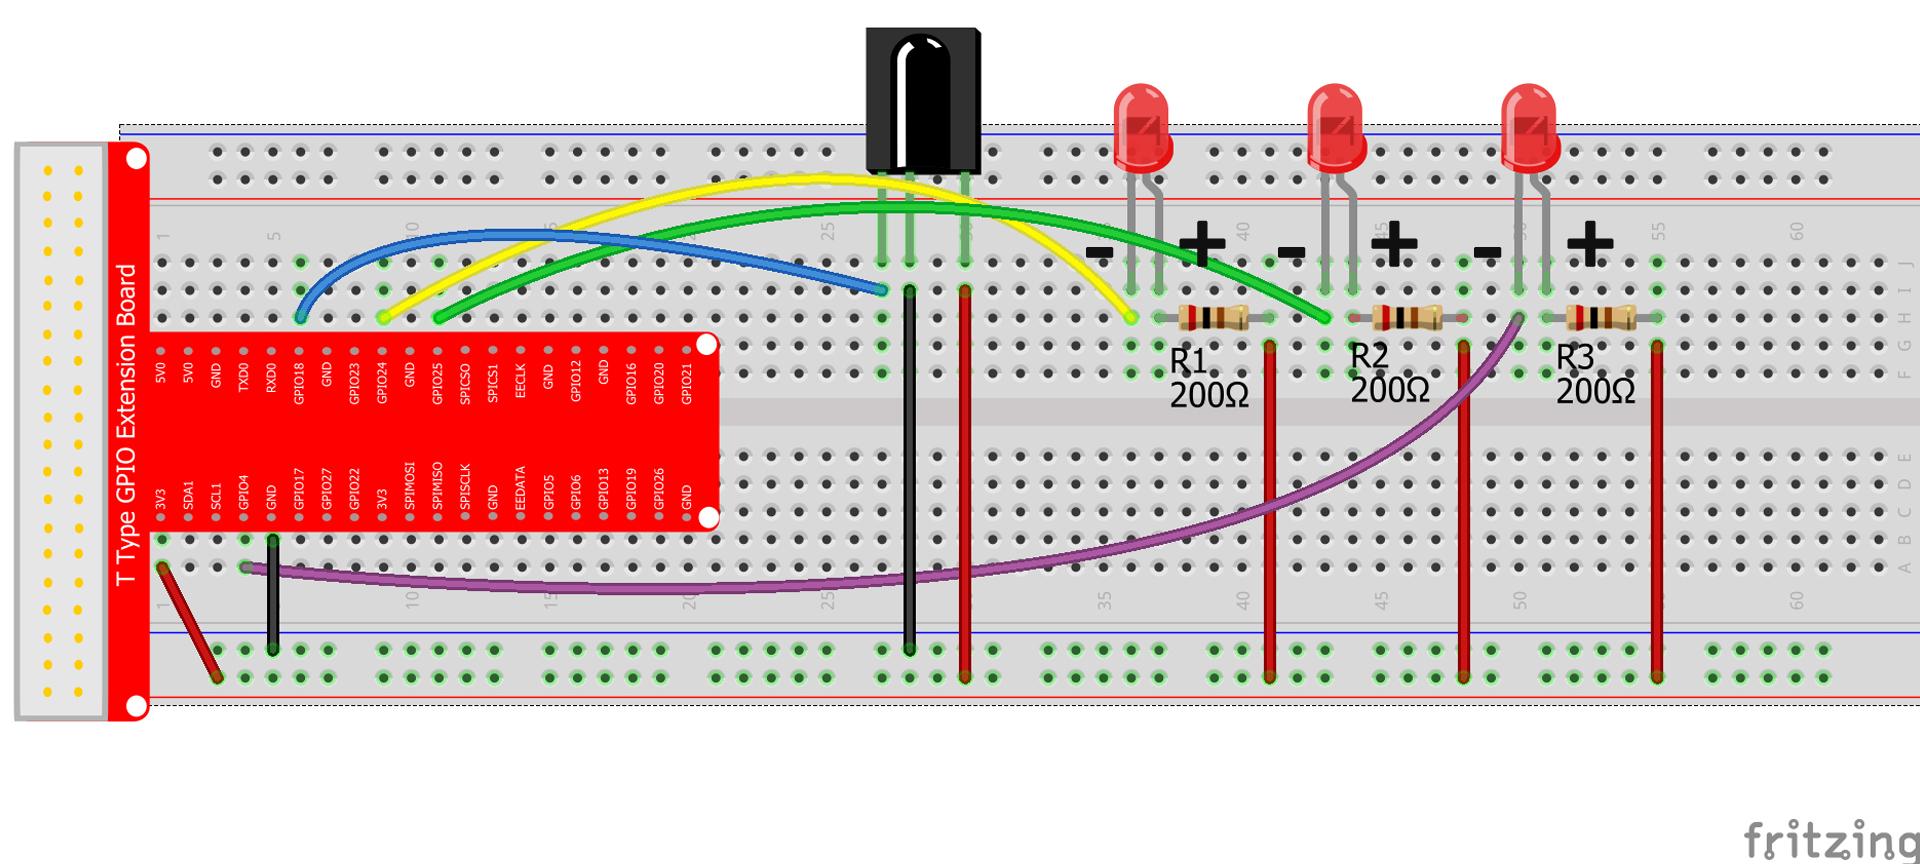 4 20ma Temperature Sensor